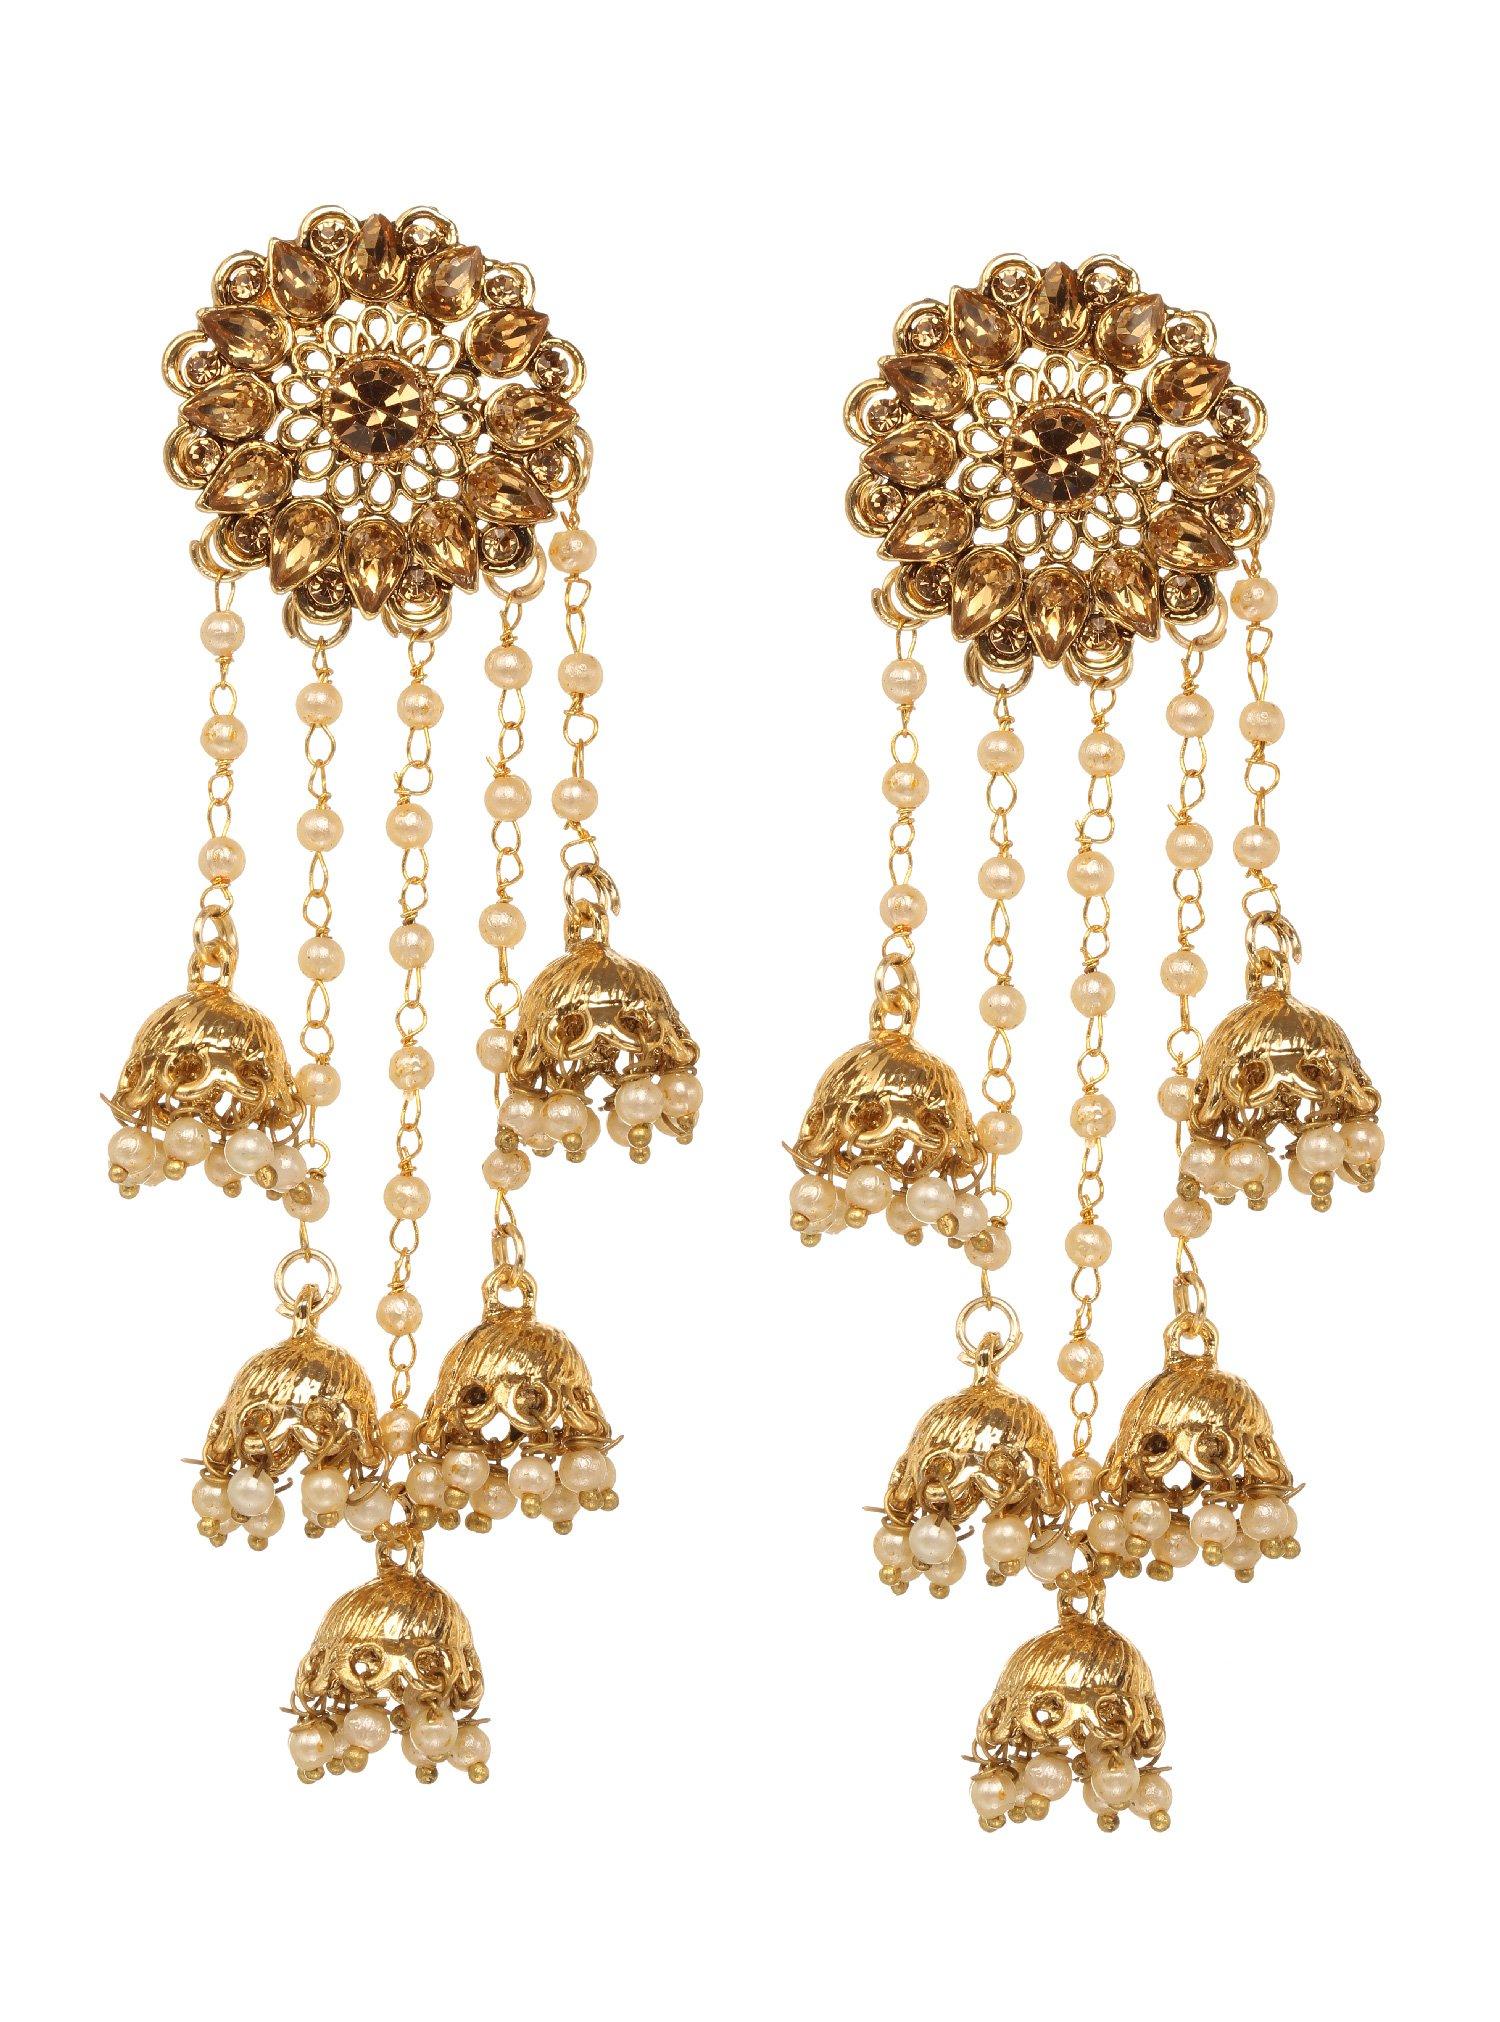 Bindhani Indian Jewelry Wedding Long Chain Bollywood Bahubali Jhumka Jhumki Earrings For Women